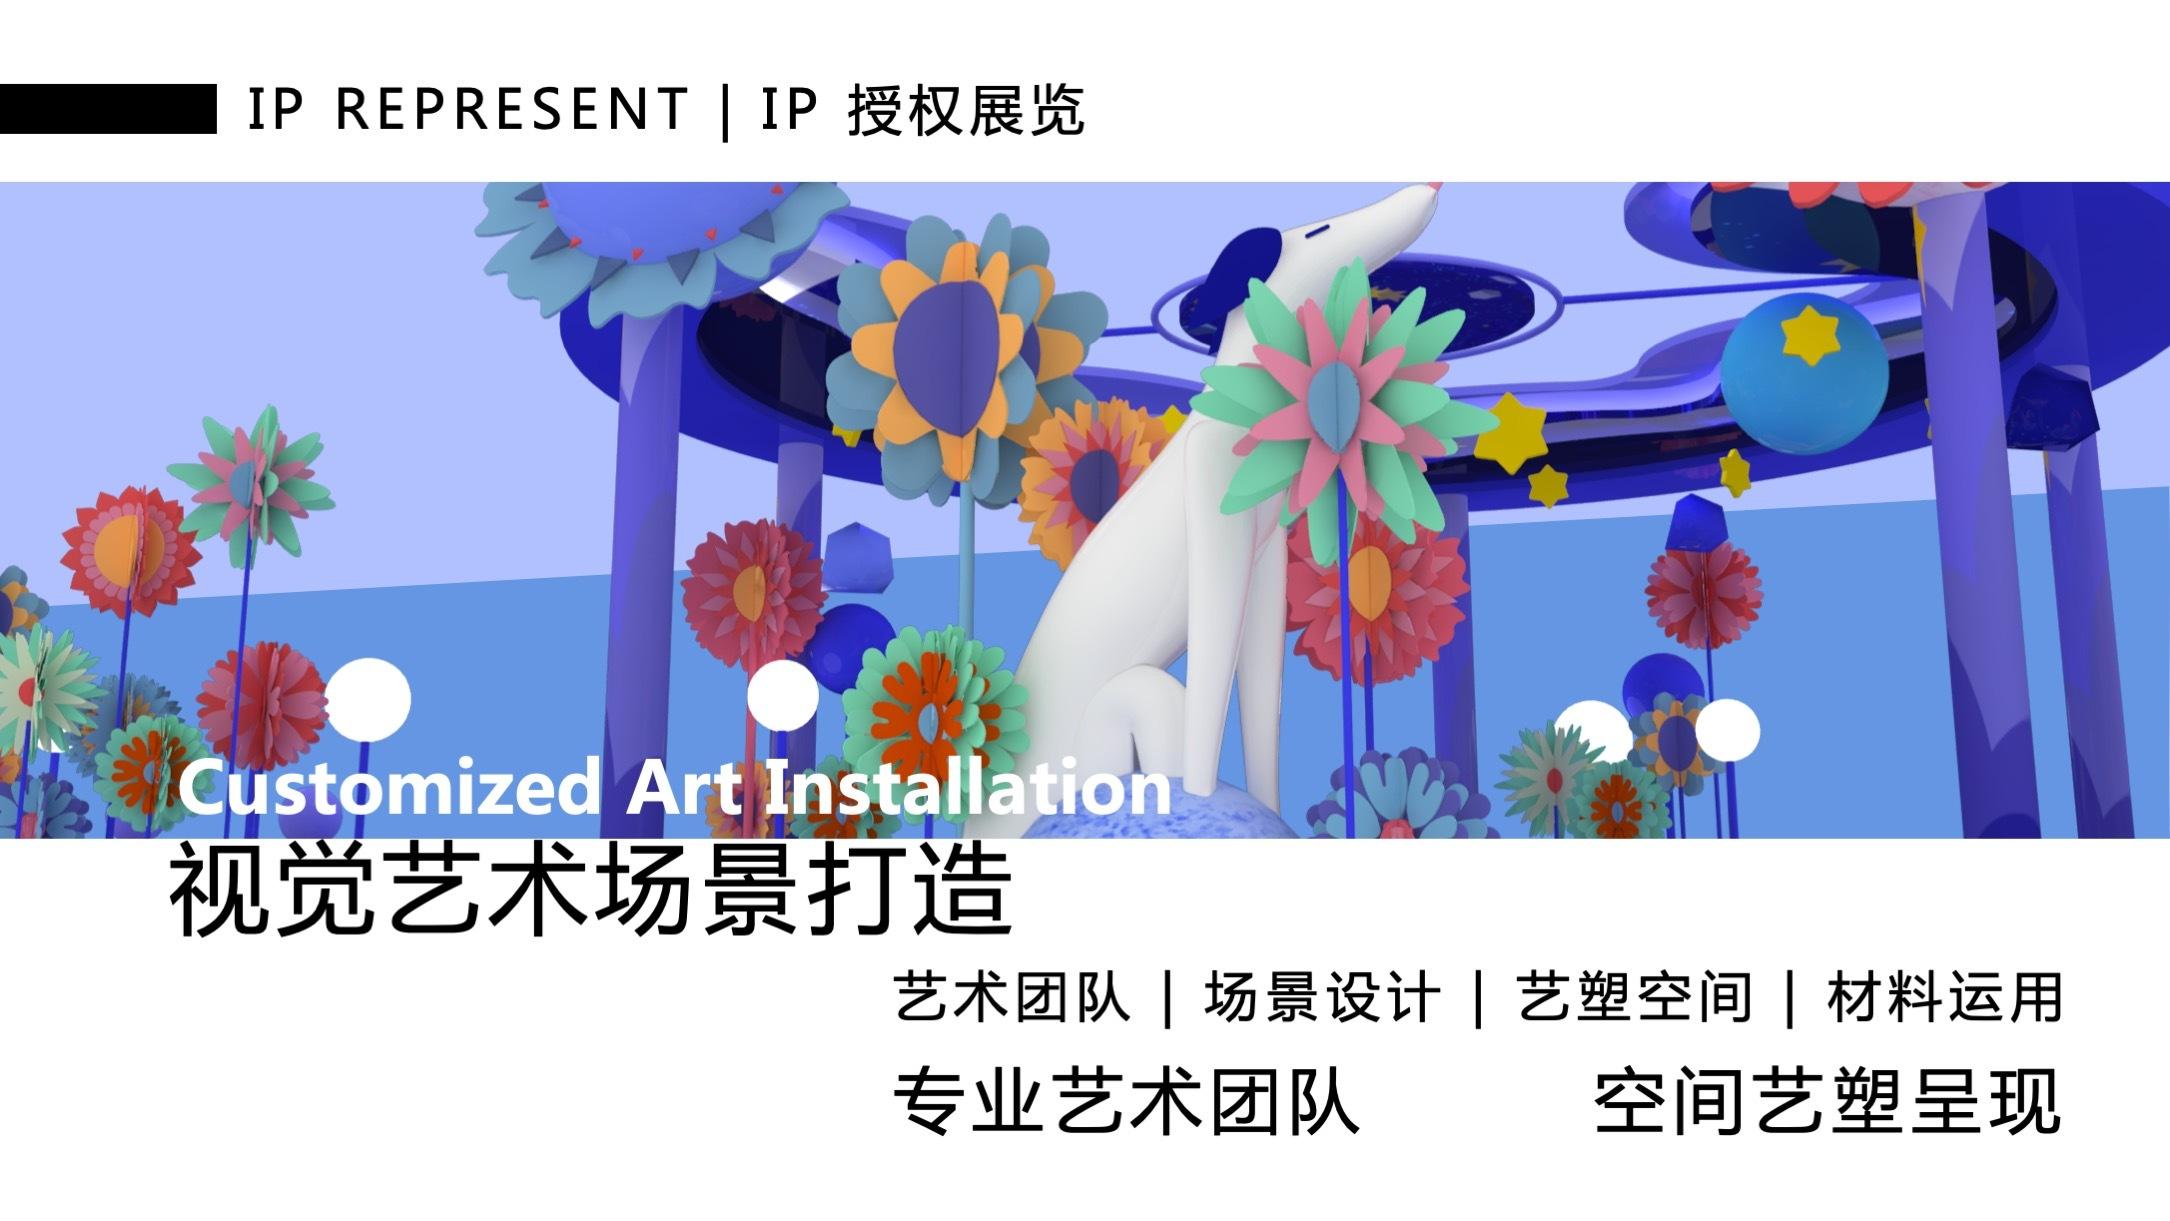 【心灵花园】英国插画艺术家主题IP沉浸式体验展-感映艺术